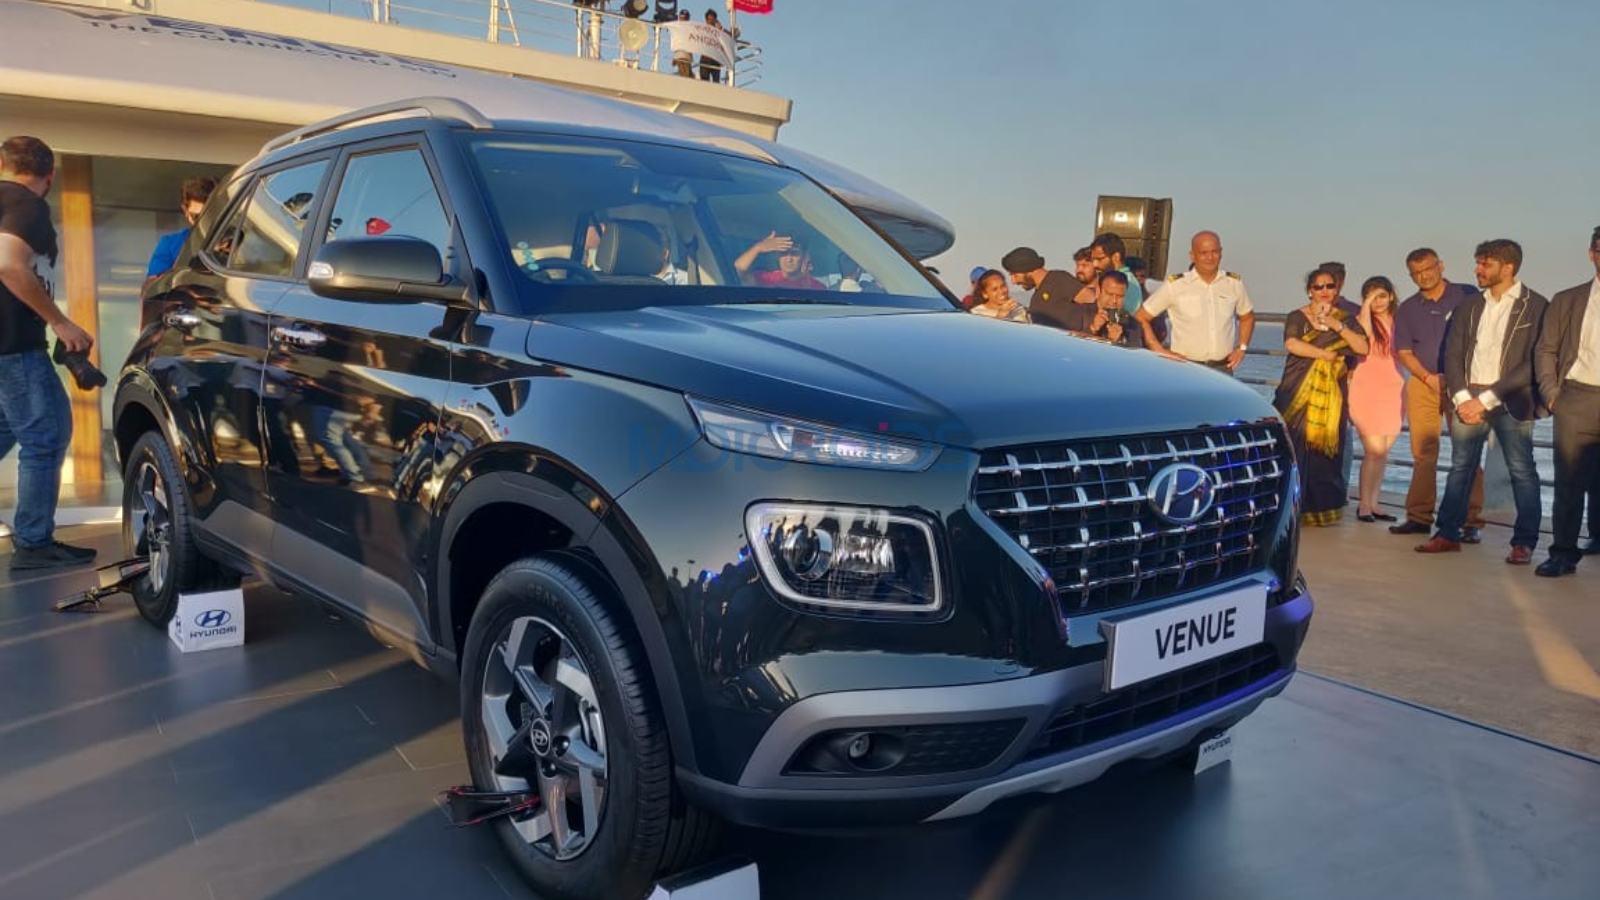 Hyundai Venue Gains Huge Number Of Bookings On Day 1 Motoroids